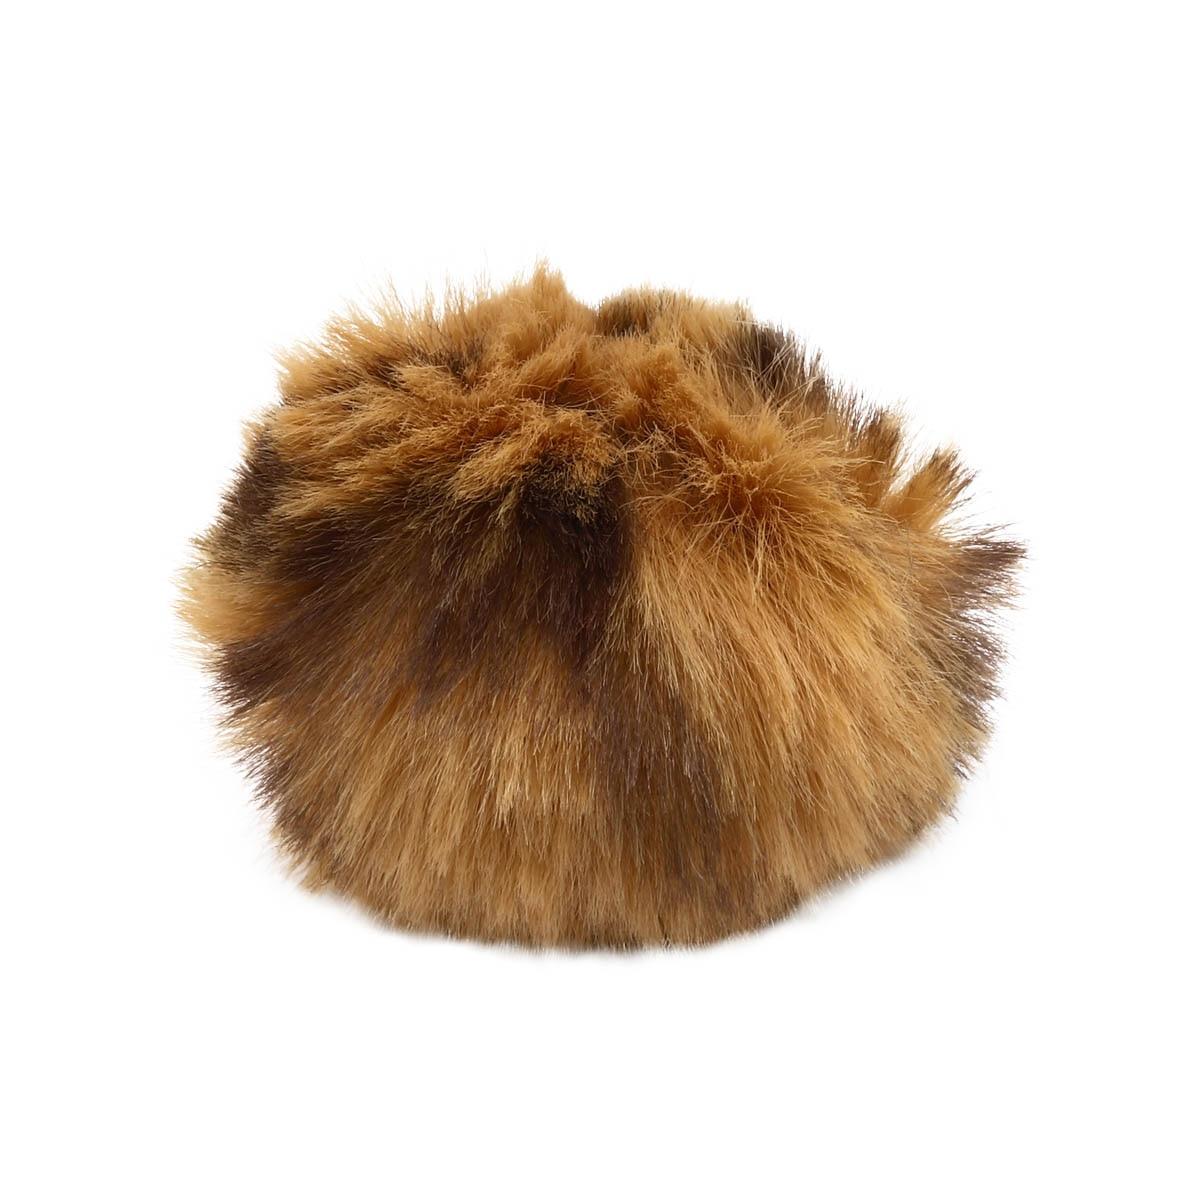 Ar528 Pompon Artificial Fur, Leopard, 5 Cm 2 Pcs/pack (light Brown)